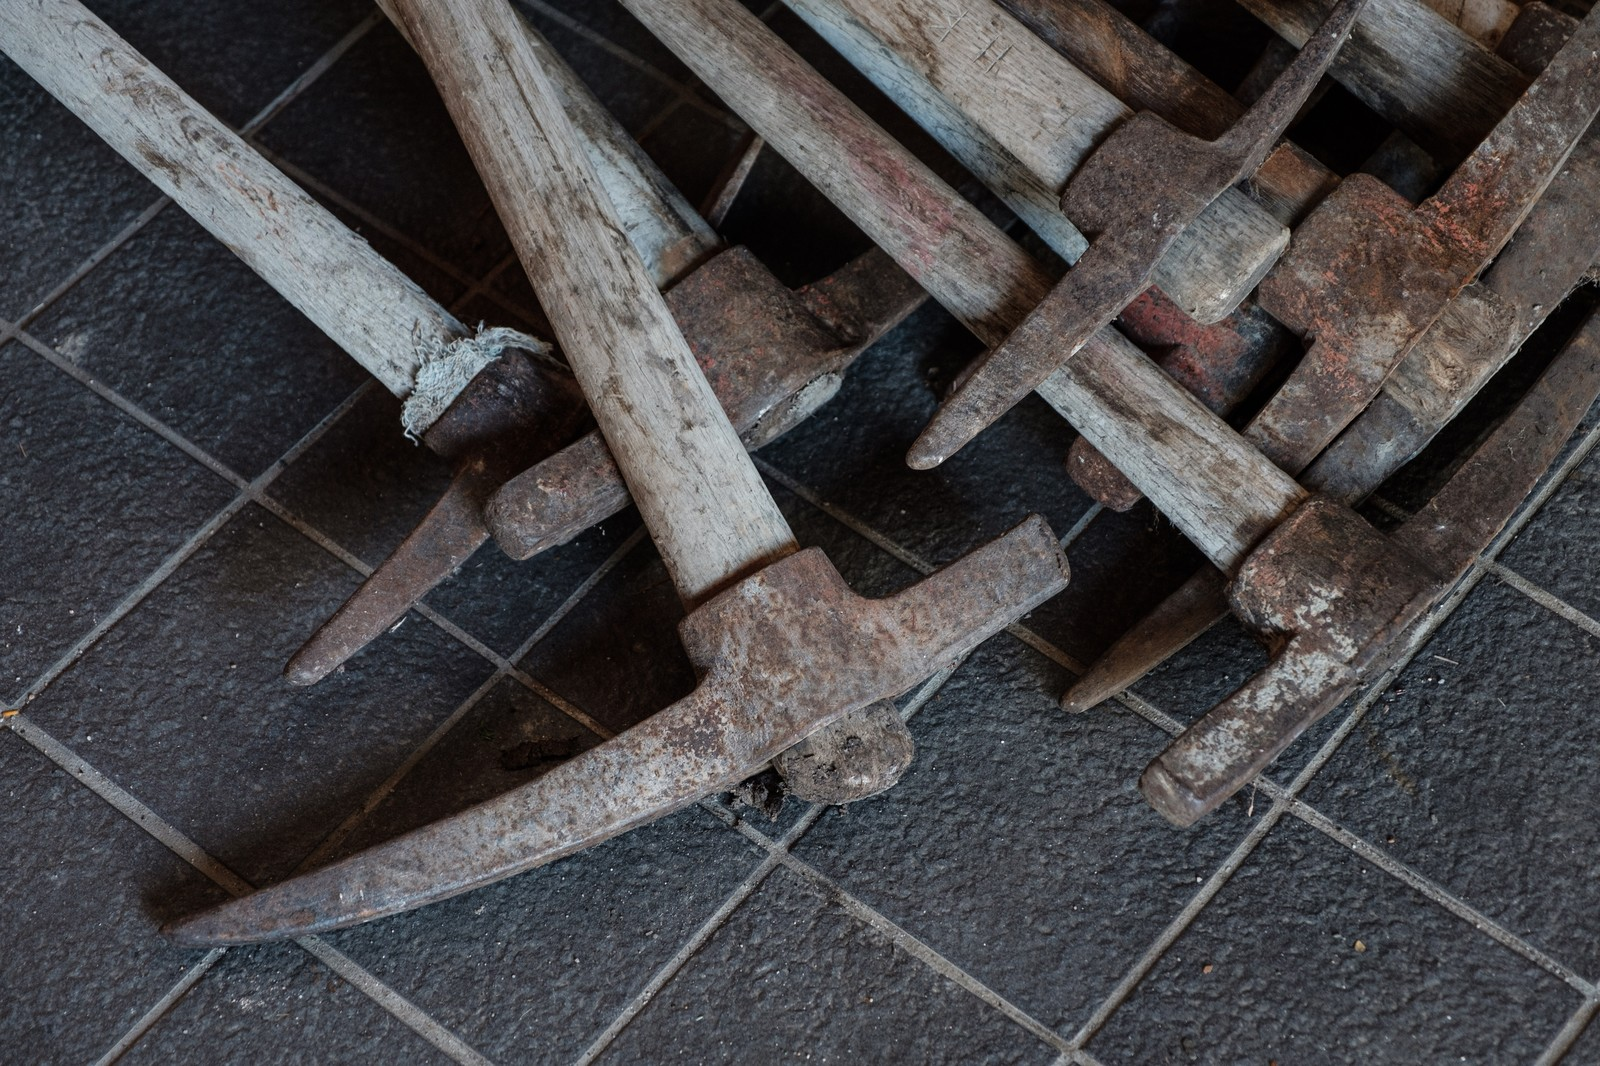 「登山道整備用の複数のツルハシ登山道整備用の複数のツルハシ」のフリー写真素材を拡大